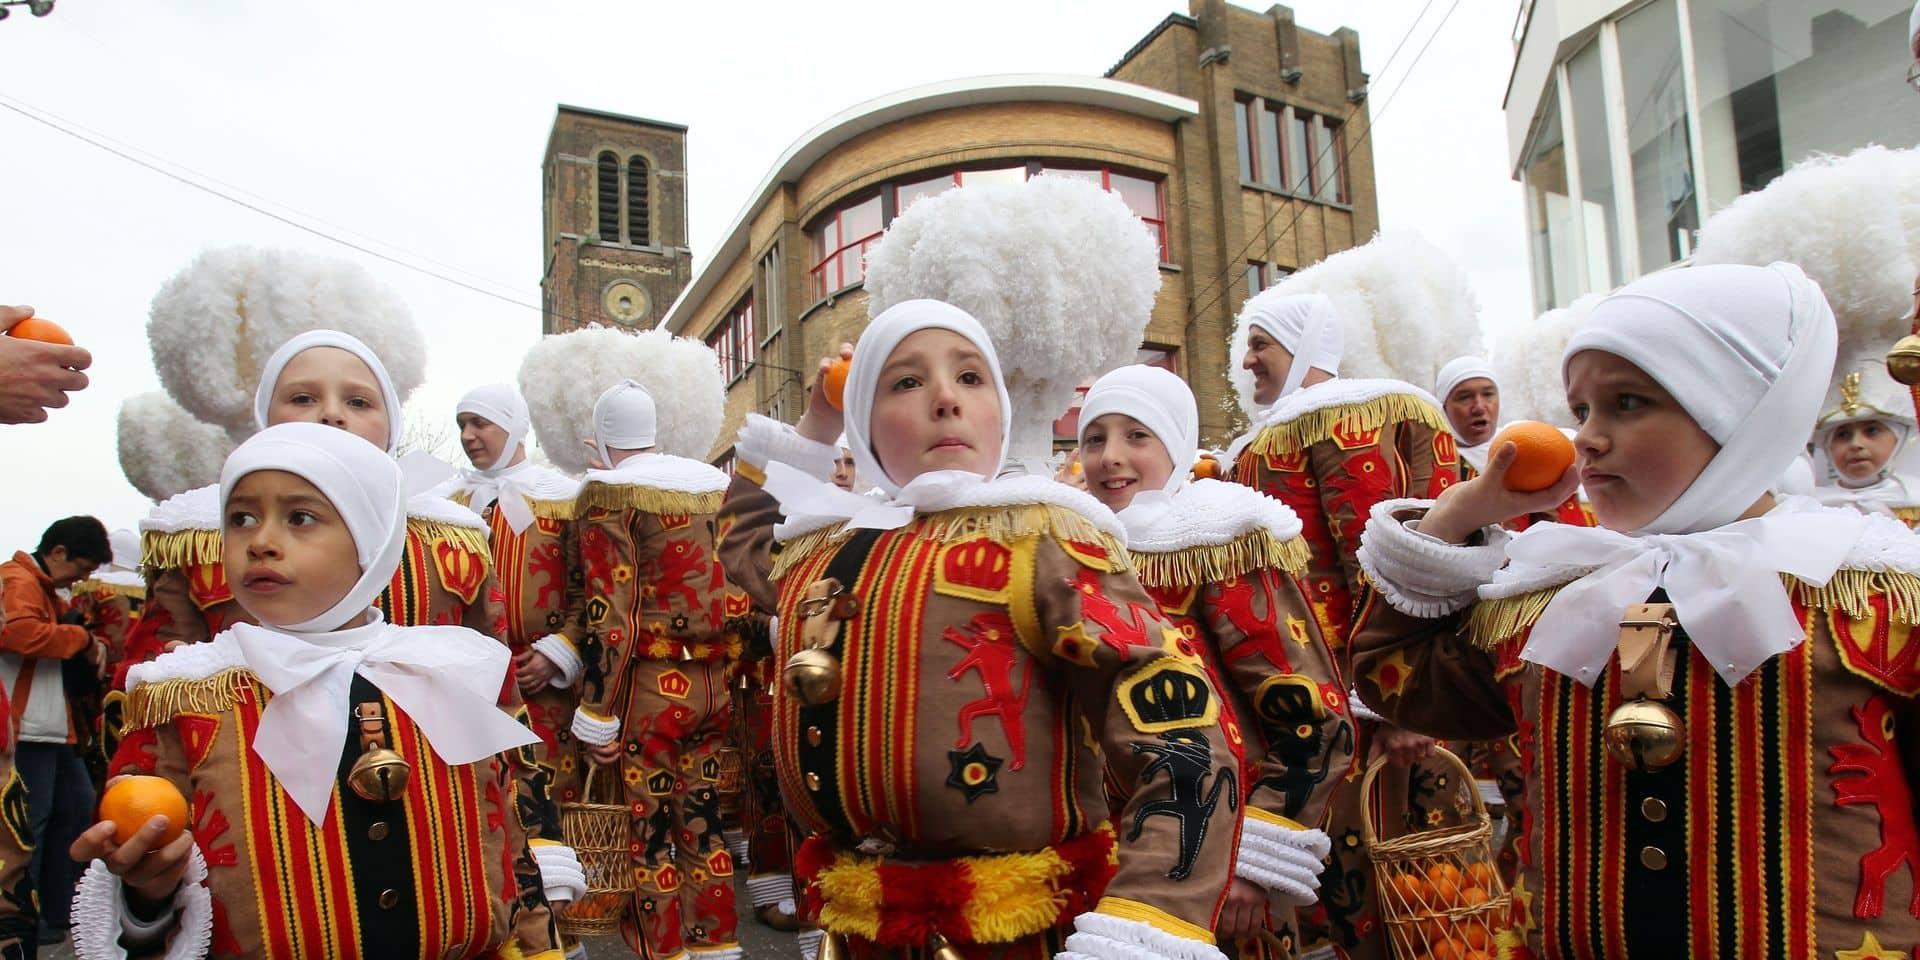 La Ville de La Louvière va doubler ses subsides pour les sociétés carnavalesques